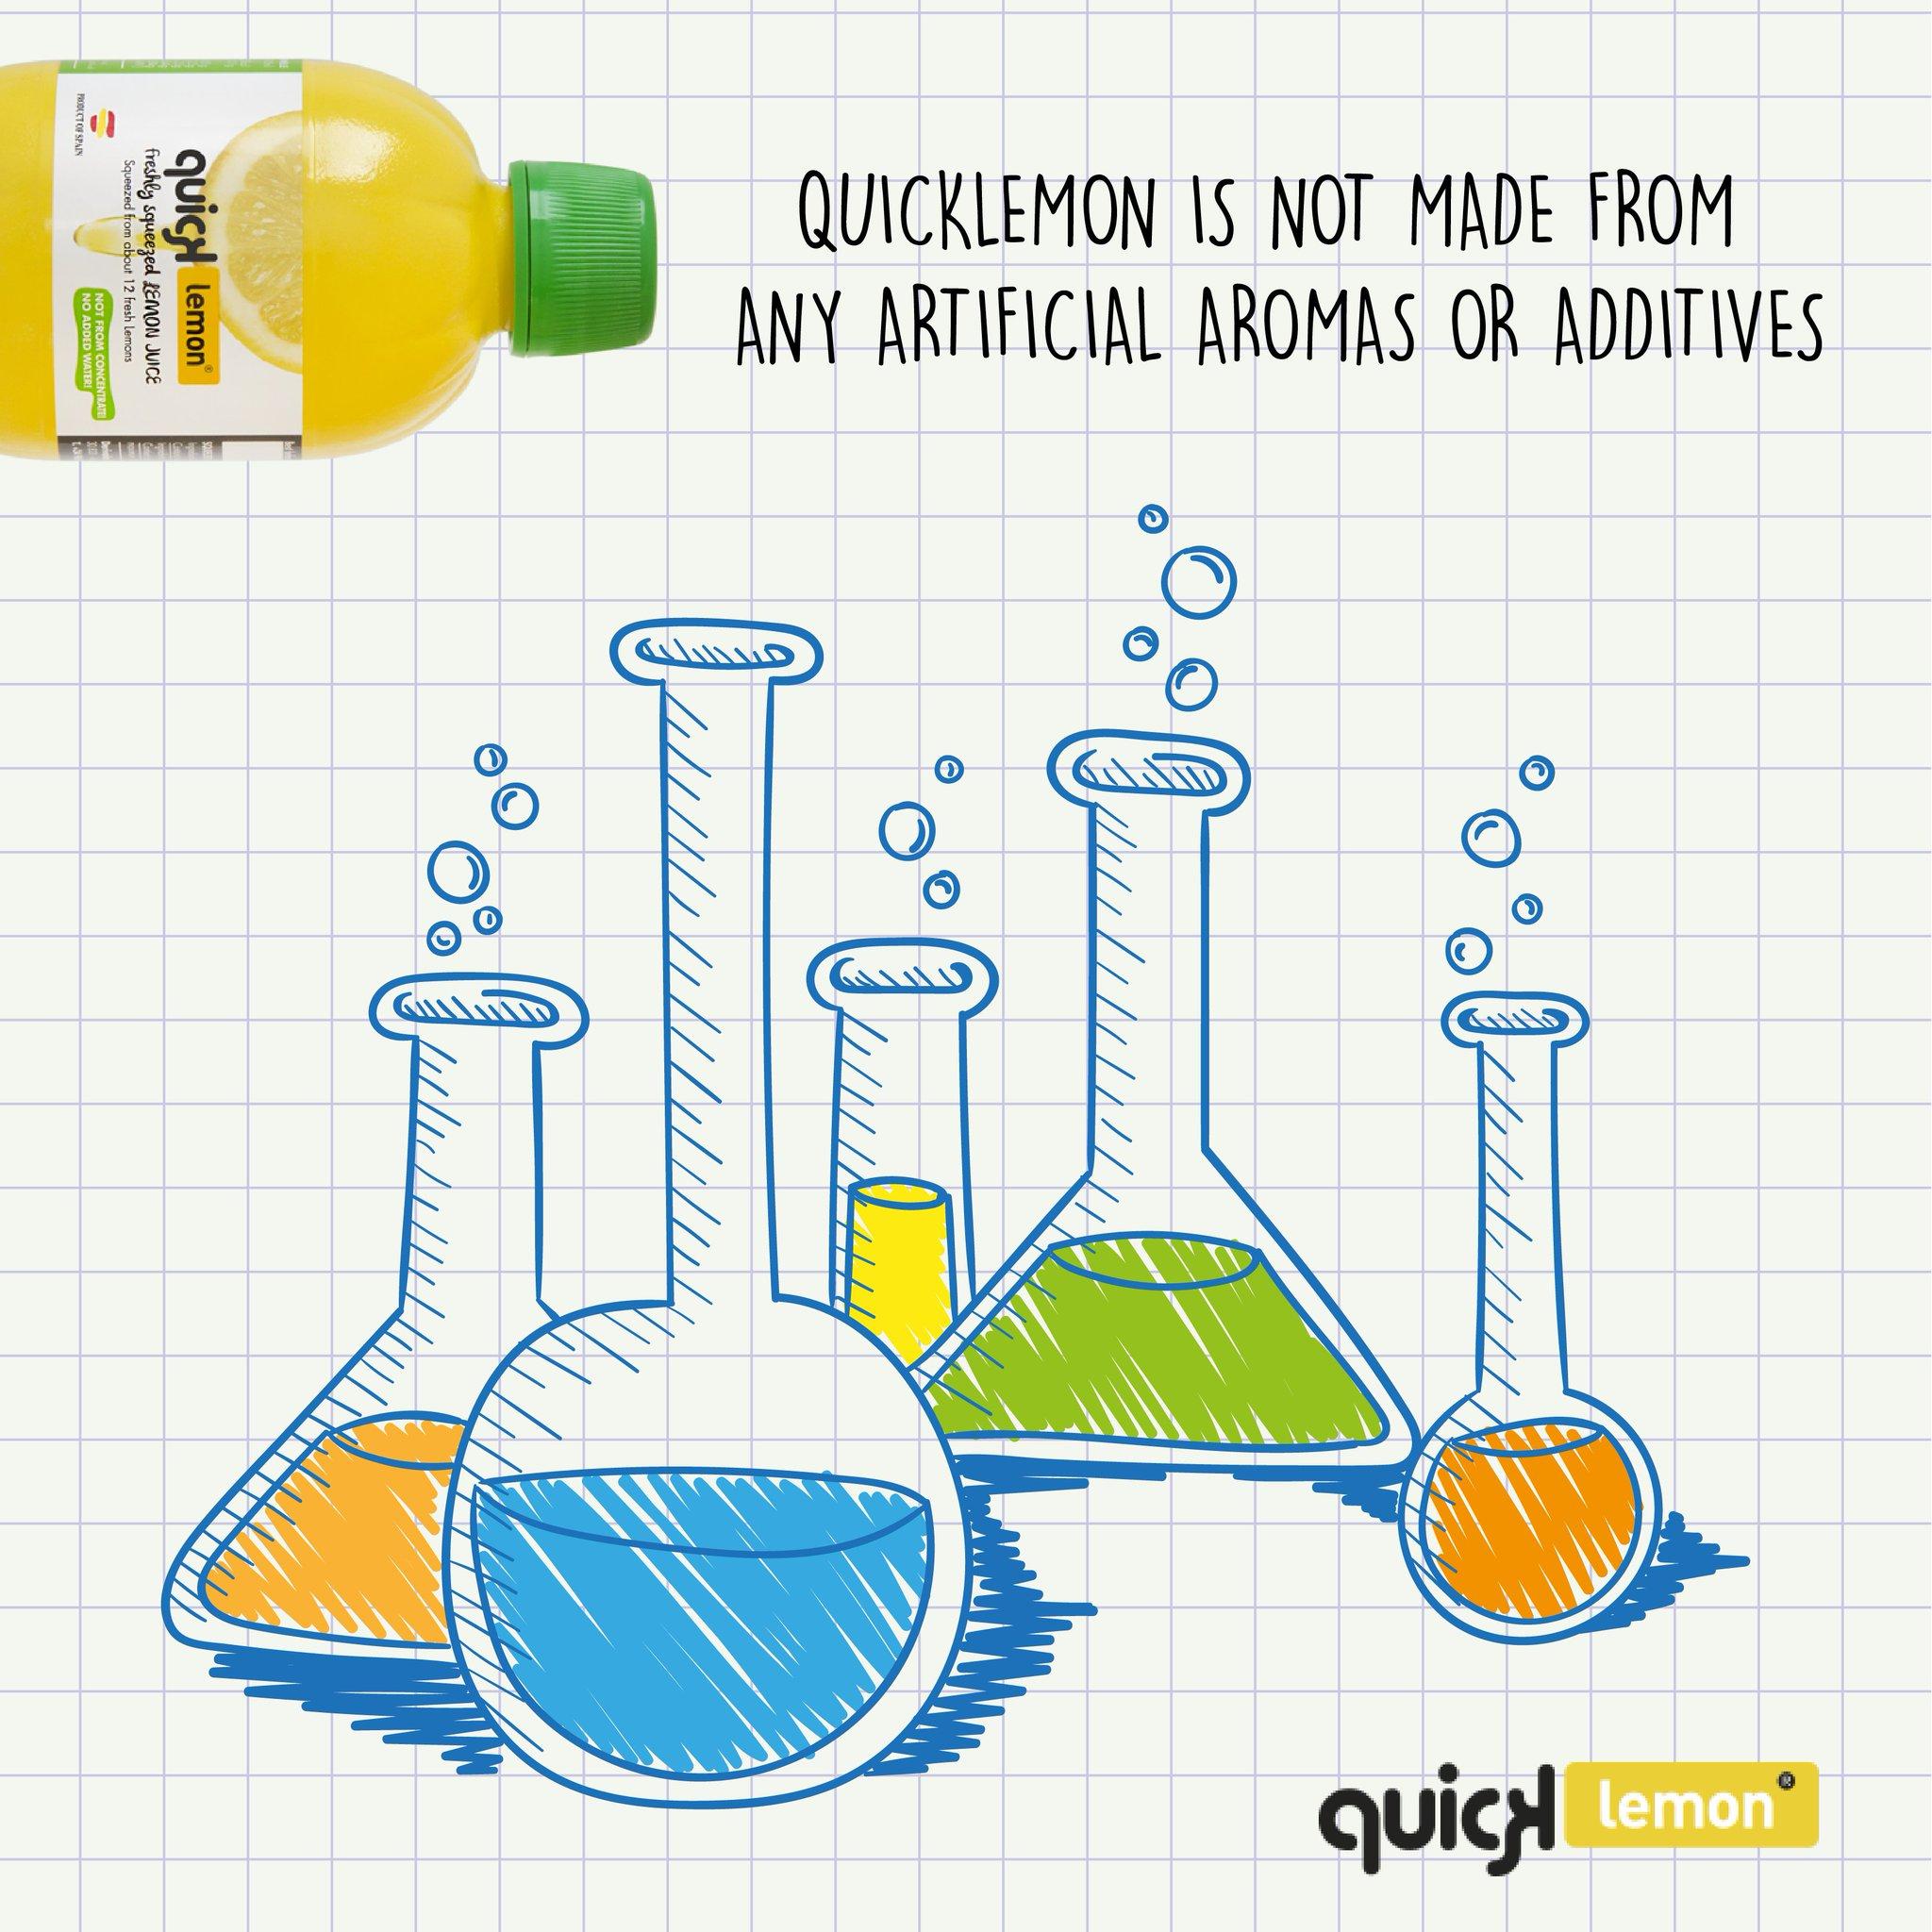 часть с по химии в картинках футляр